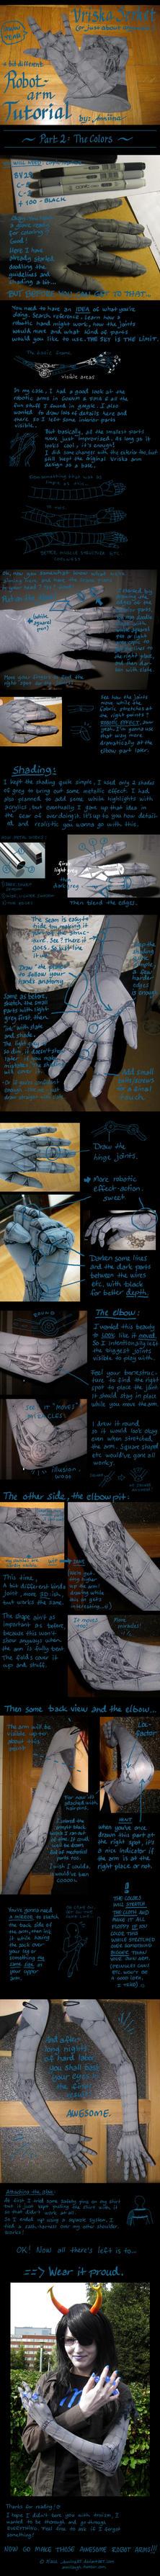 Vriska robot arm TUTORIAL 2of2 by Anniina85